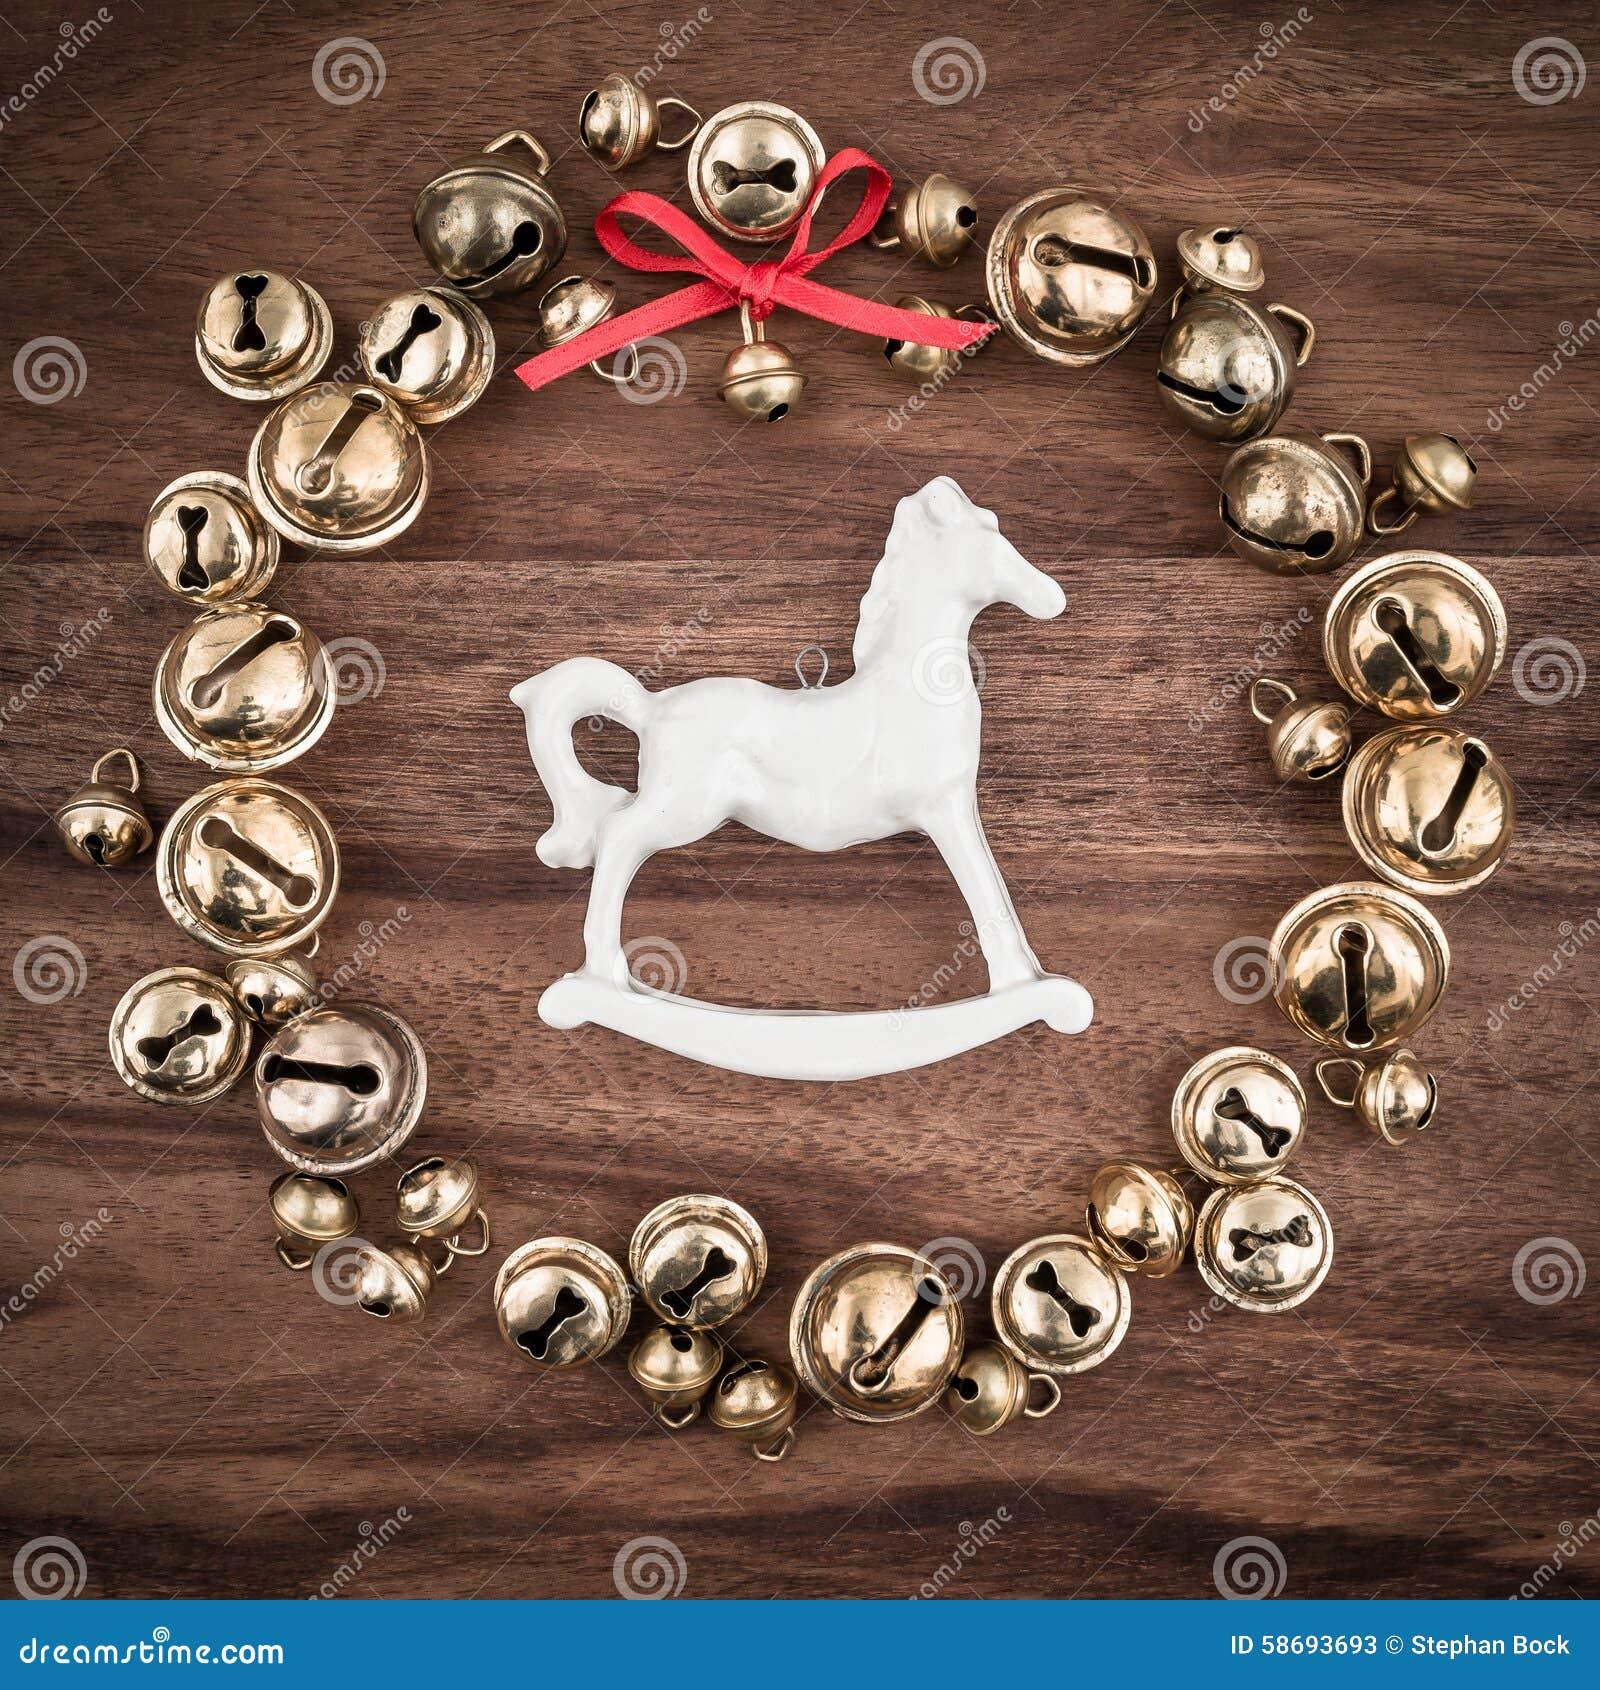 Cavallo A Dondolo Legno Natale.Natale Campane Su Legno Decorazioni Di Natale Cavallo A